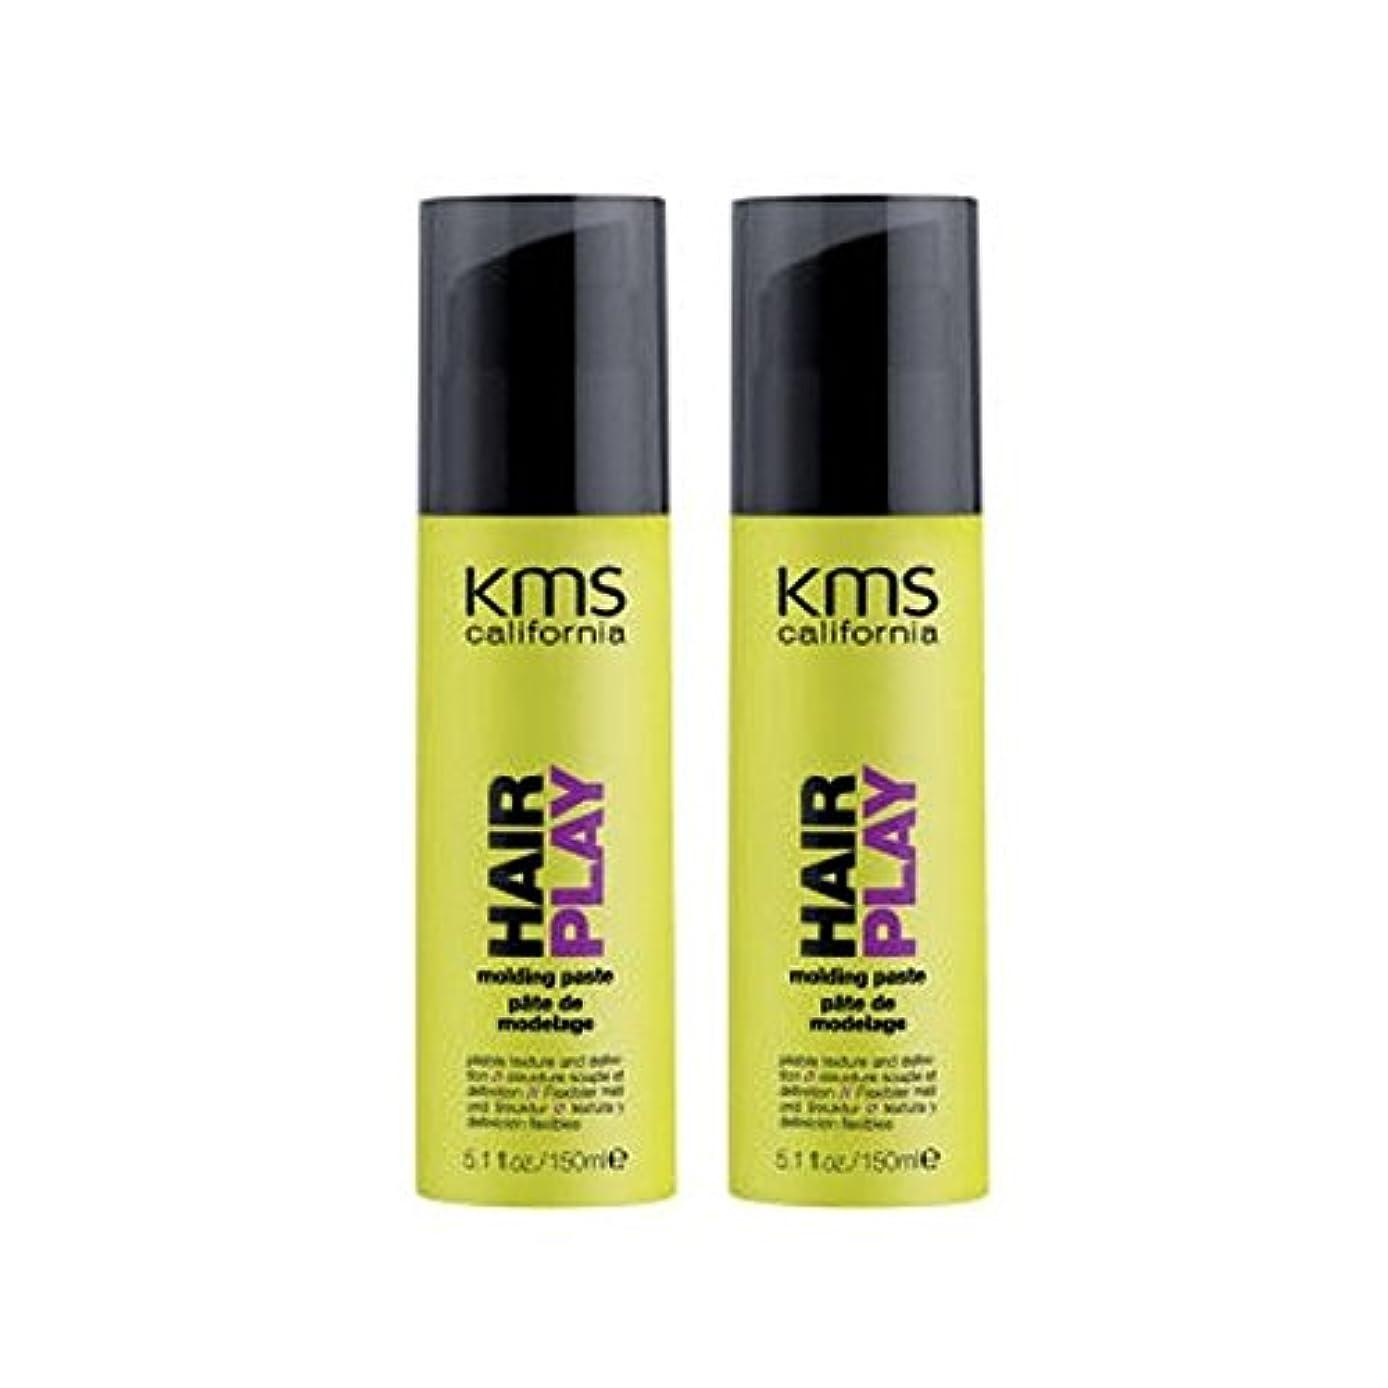 小道具不愉快禁止カリフォルニア成形ペーストデュオを x4 - Kms California Hairplay Molding Paste Duo (Pack of 4) [並行輸入品]